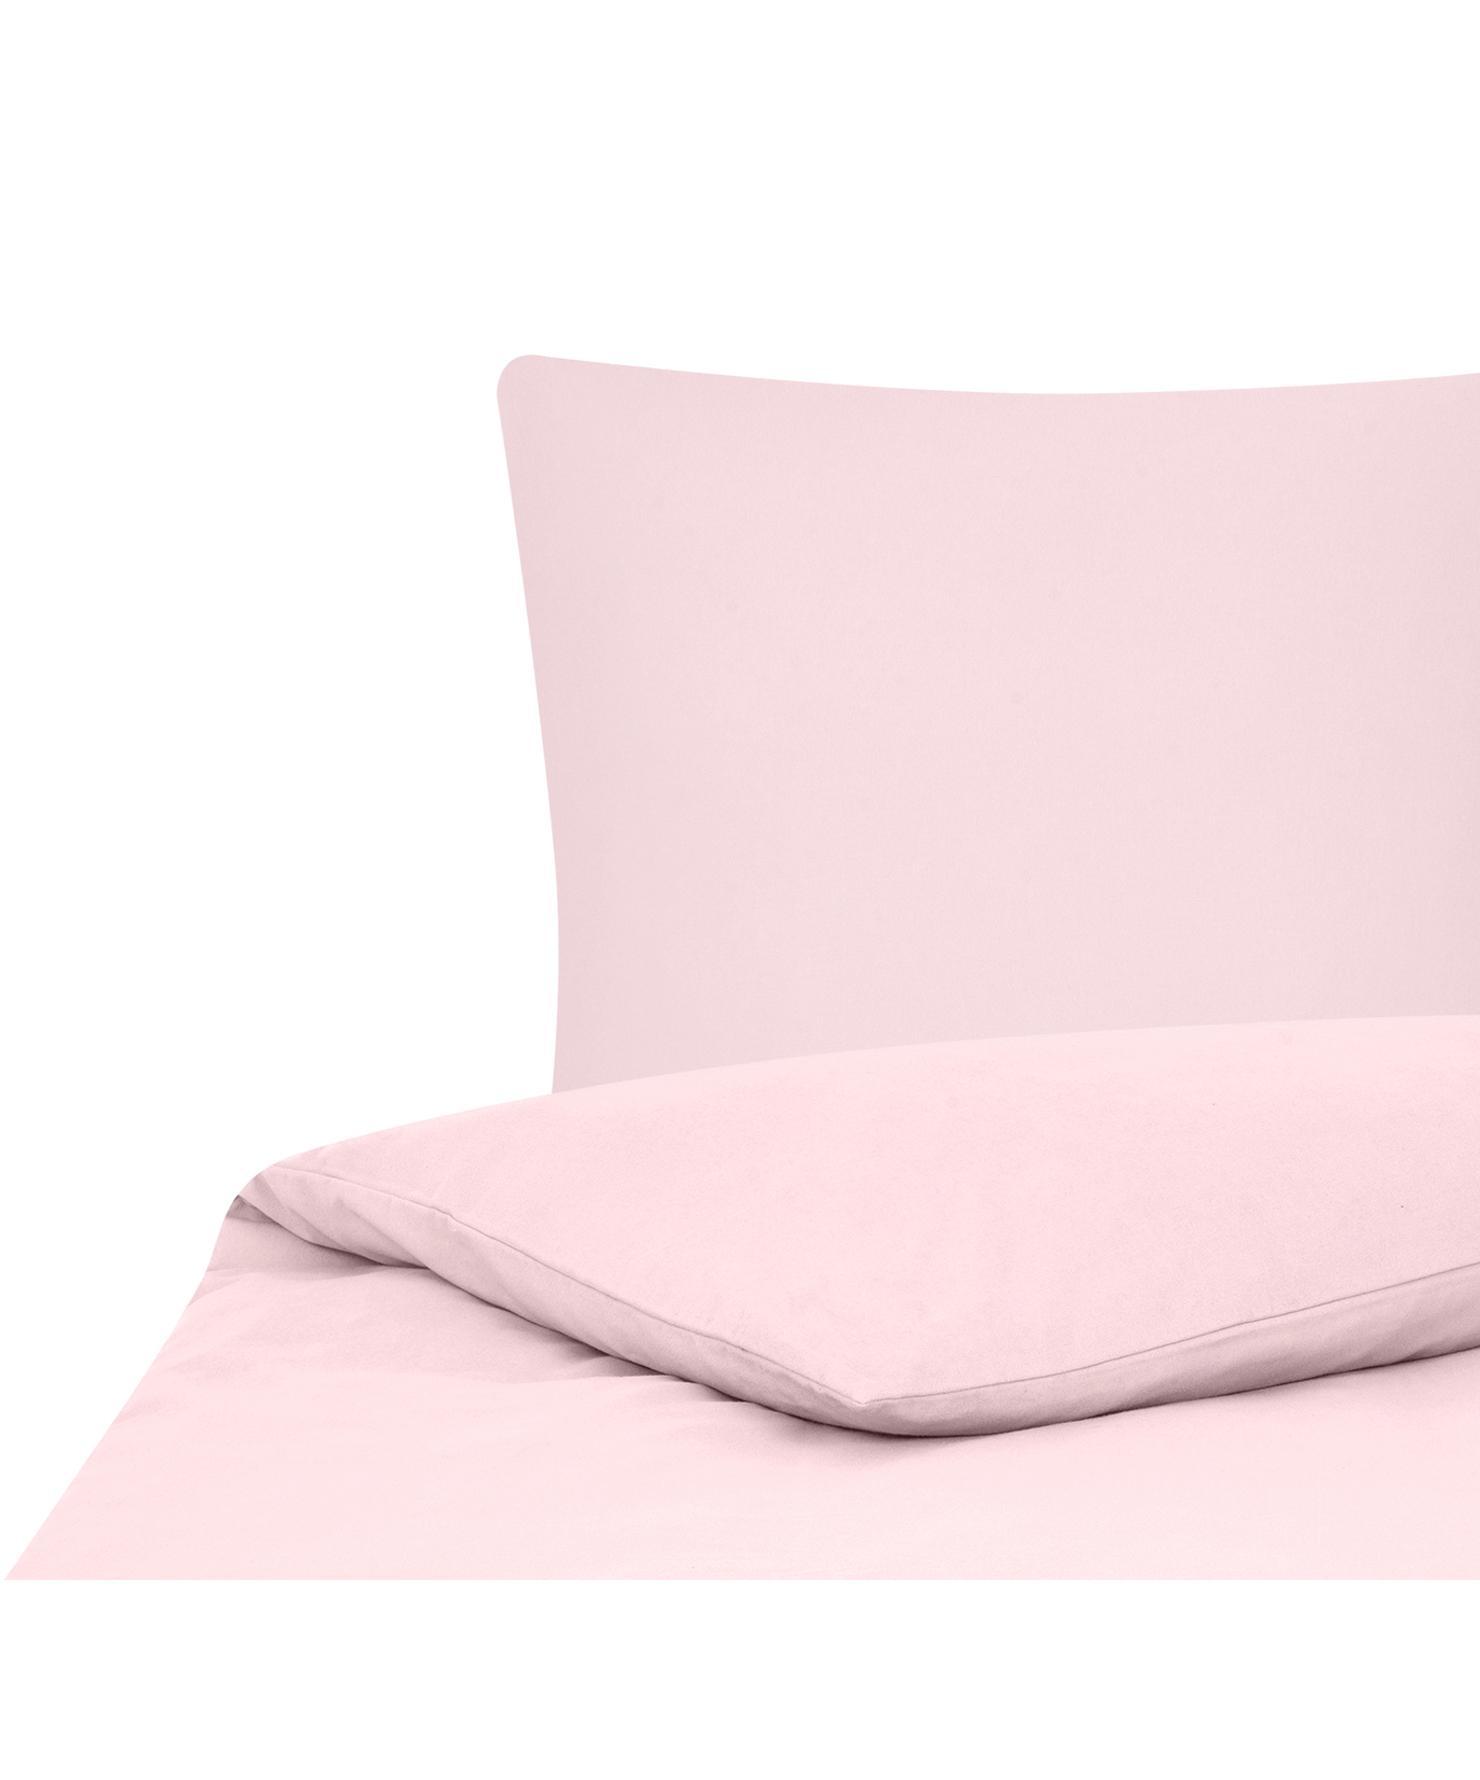 Flanell-Bettwäsche Biba in Rosa, Webart: Flanell Flanell ist ein s, Rosa, 135 x 200 cm + 1 Kissen 80 x 80 cm